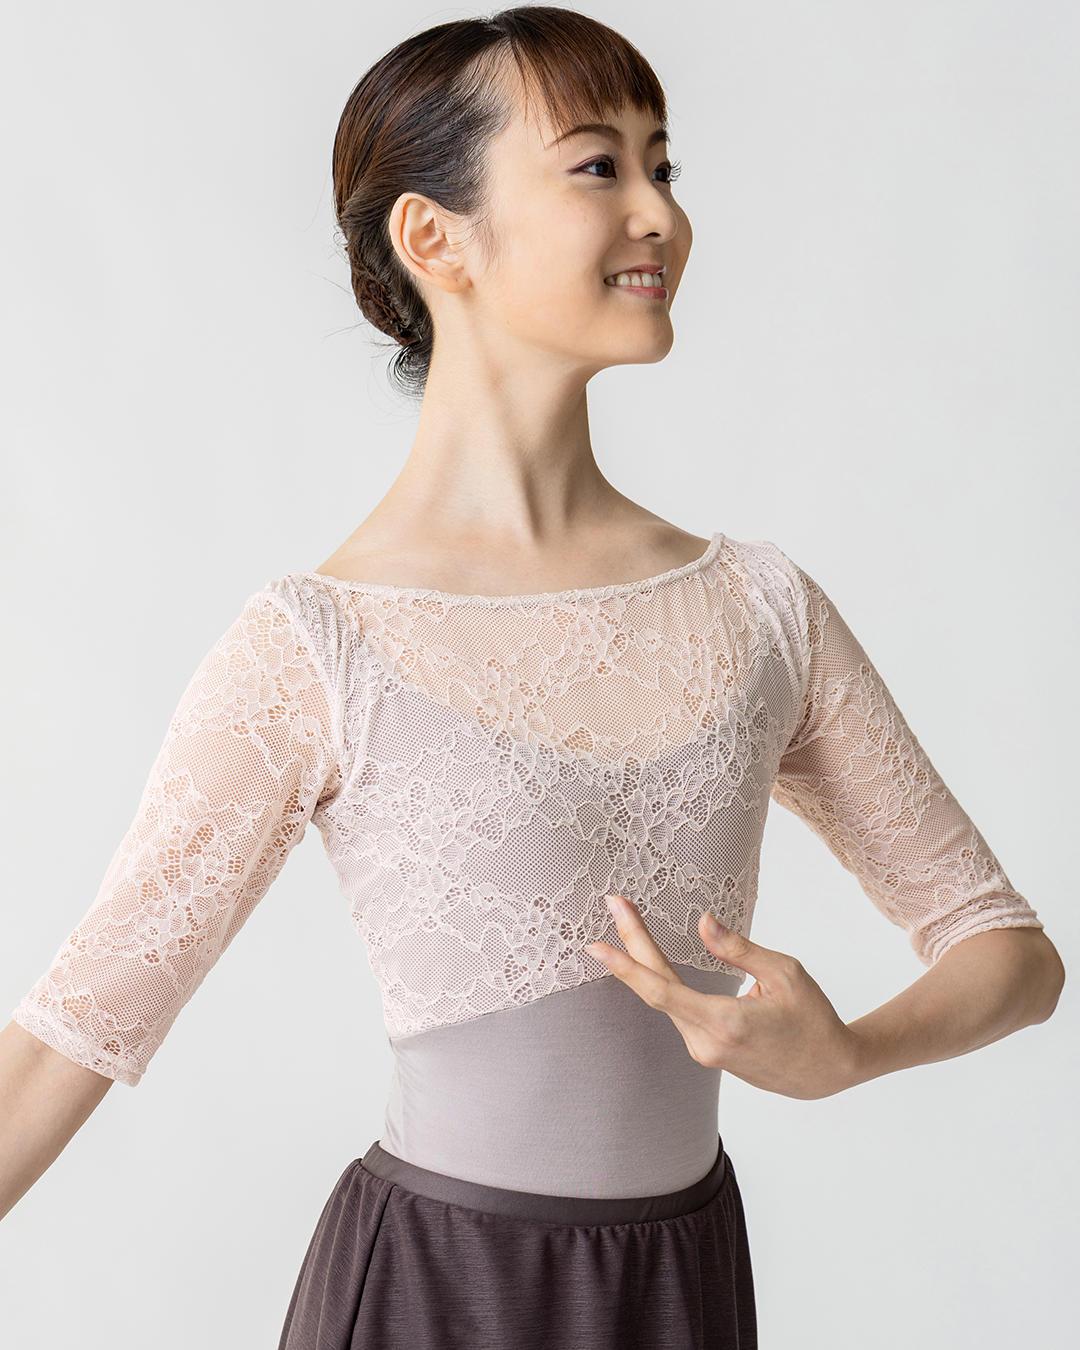 1002_ballet_new_7.jpg